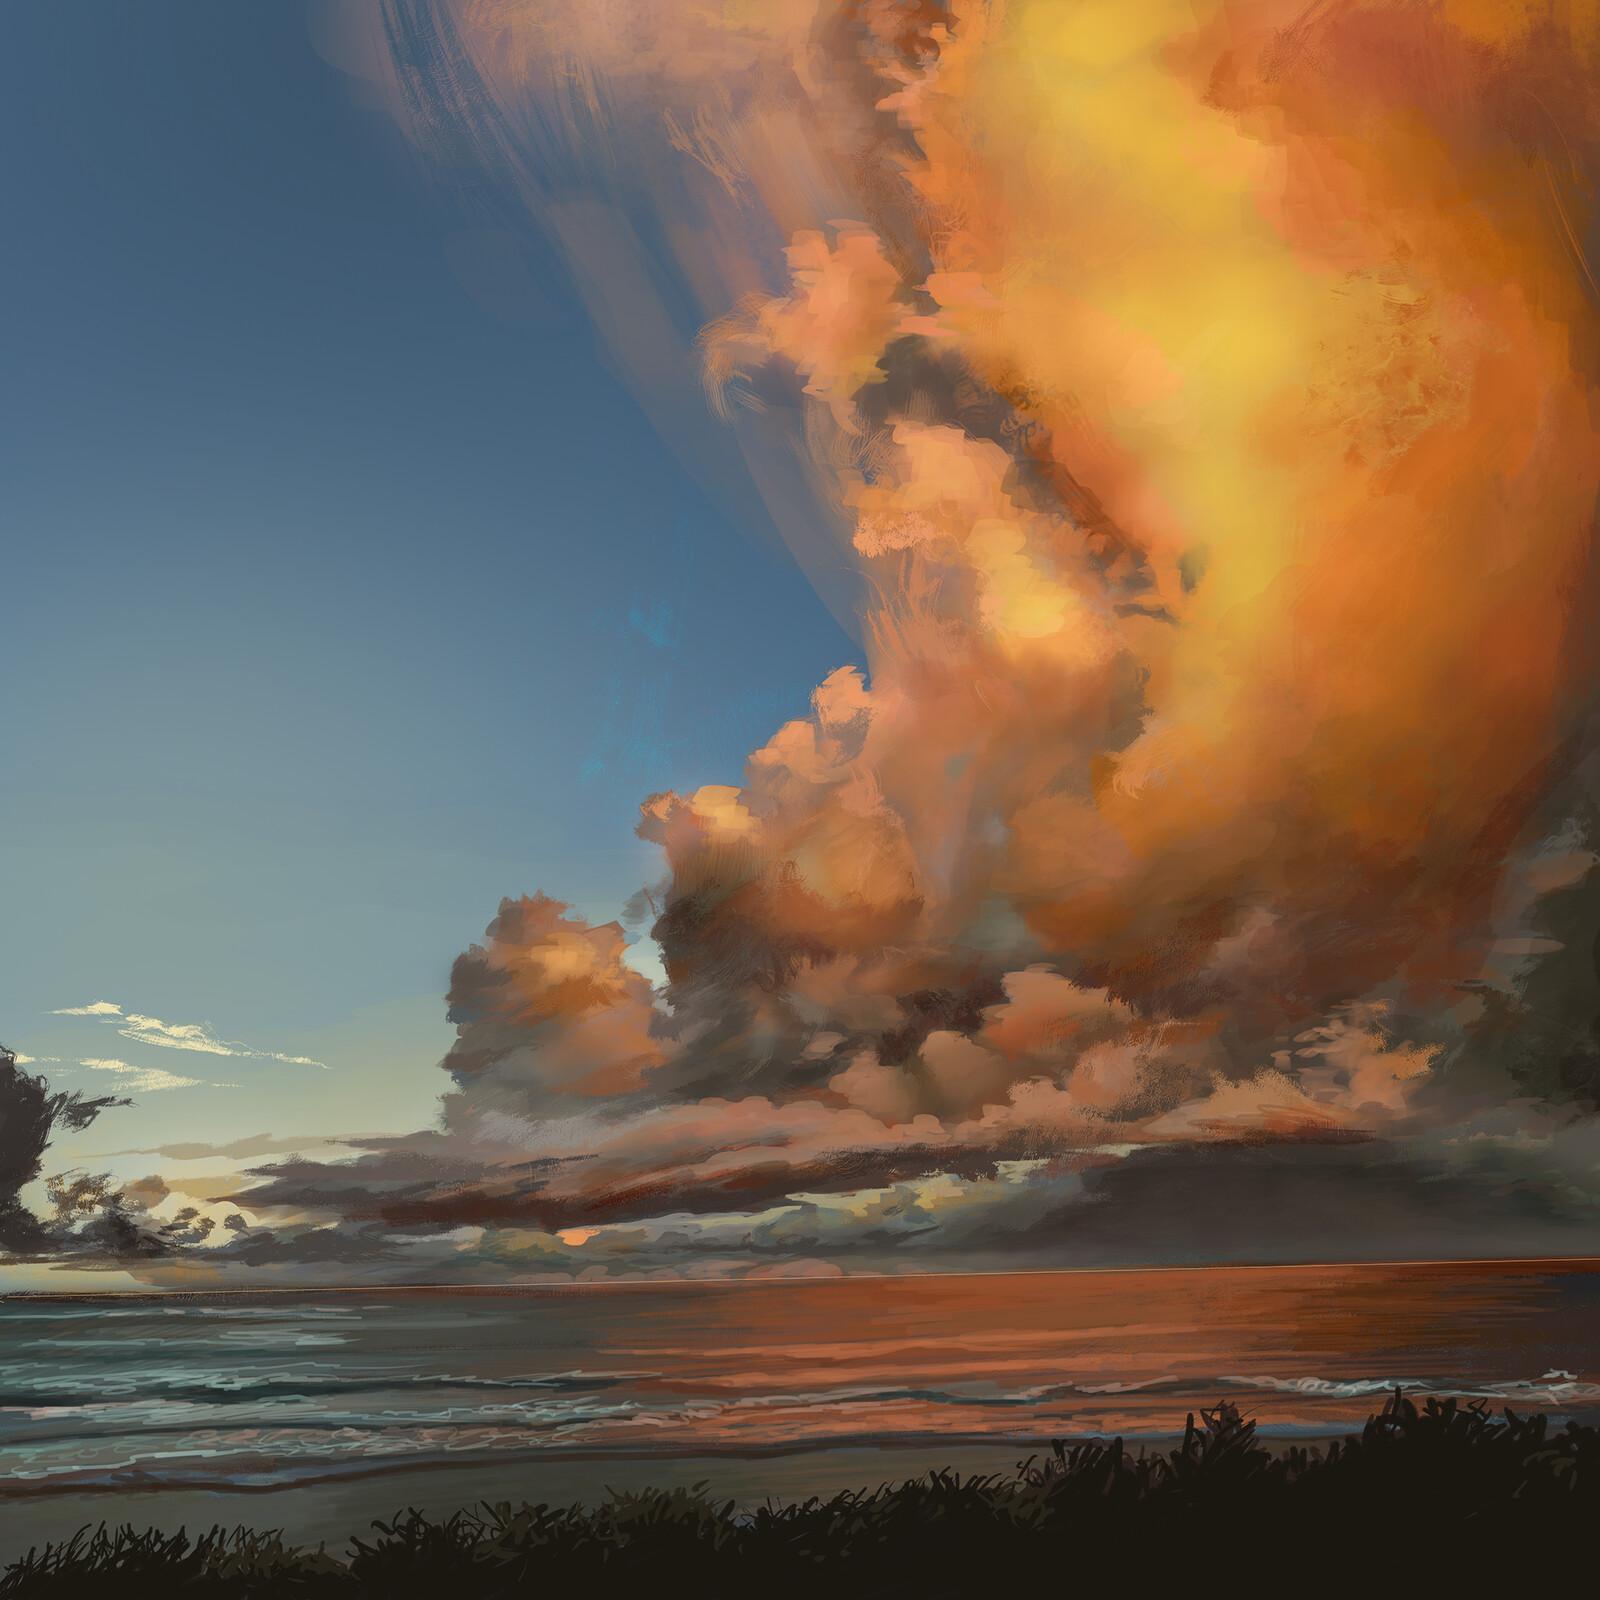 Cloud Study #2